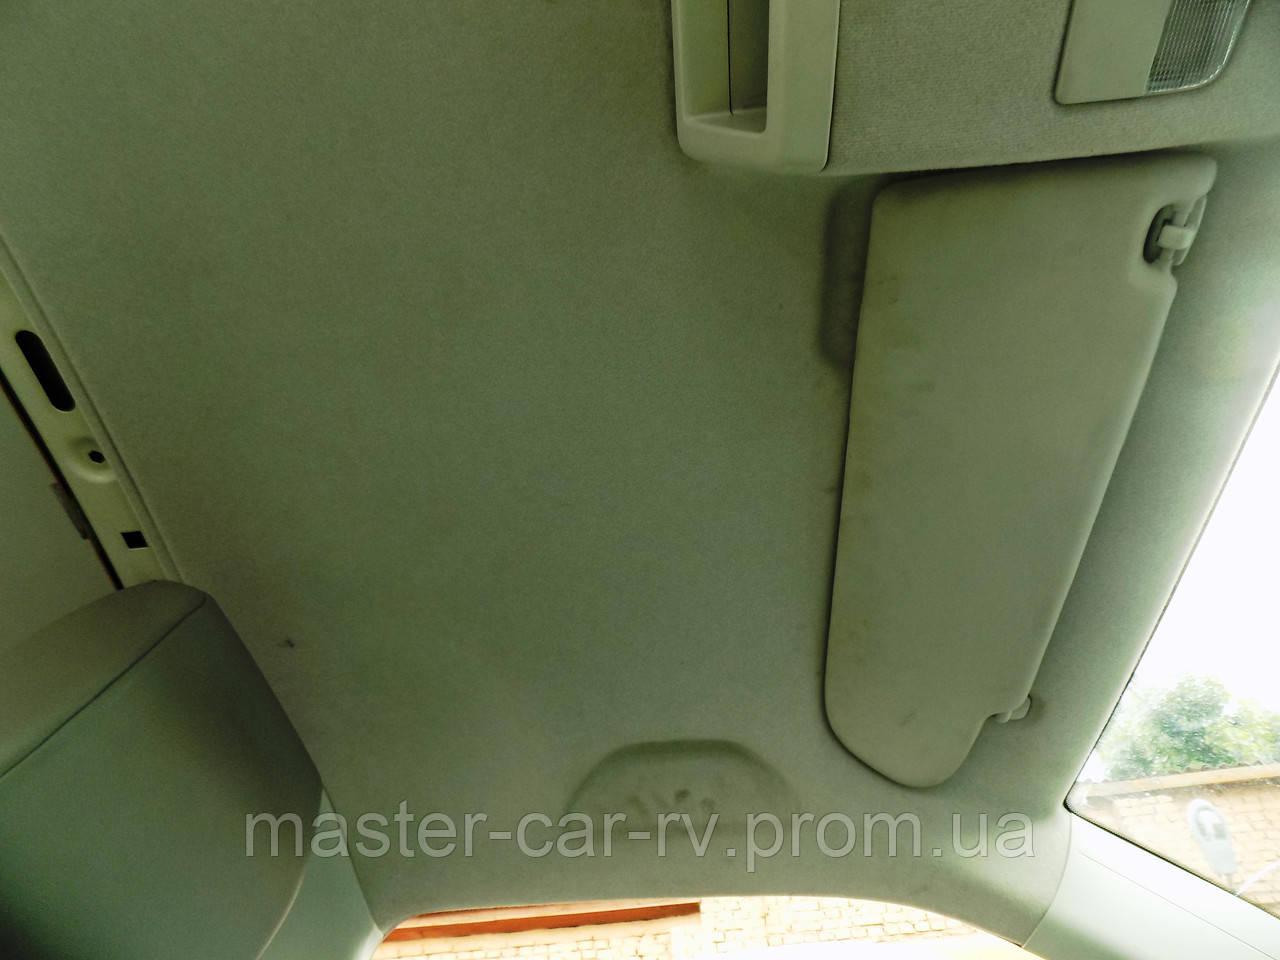 Потолок на транспортер т 5 отпускные устройства элеватора